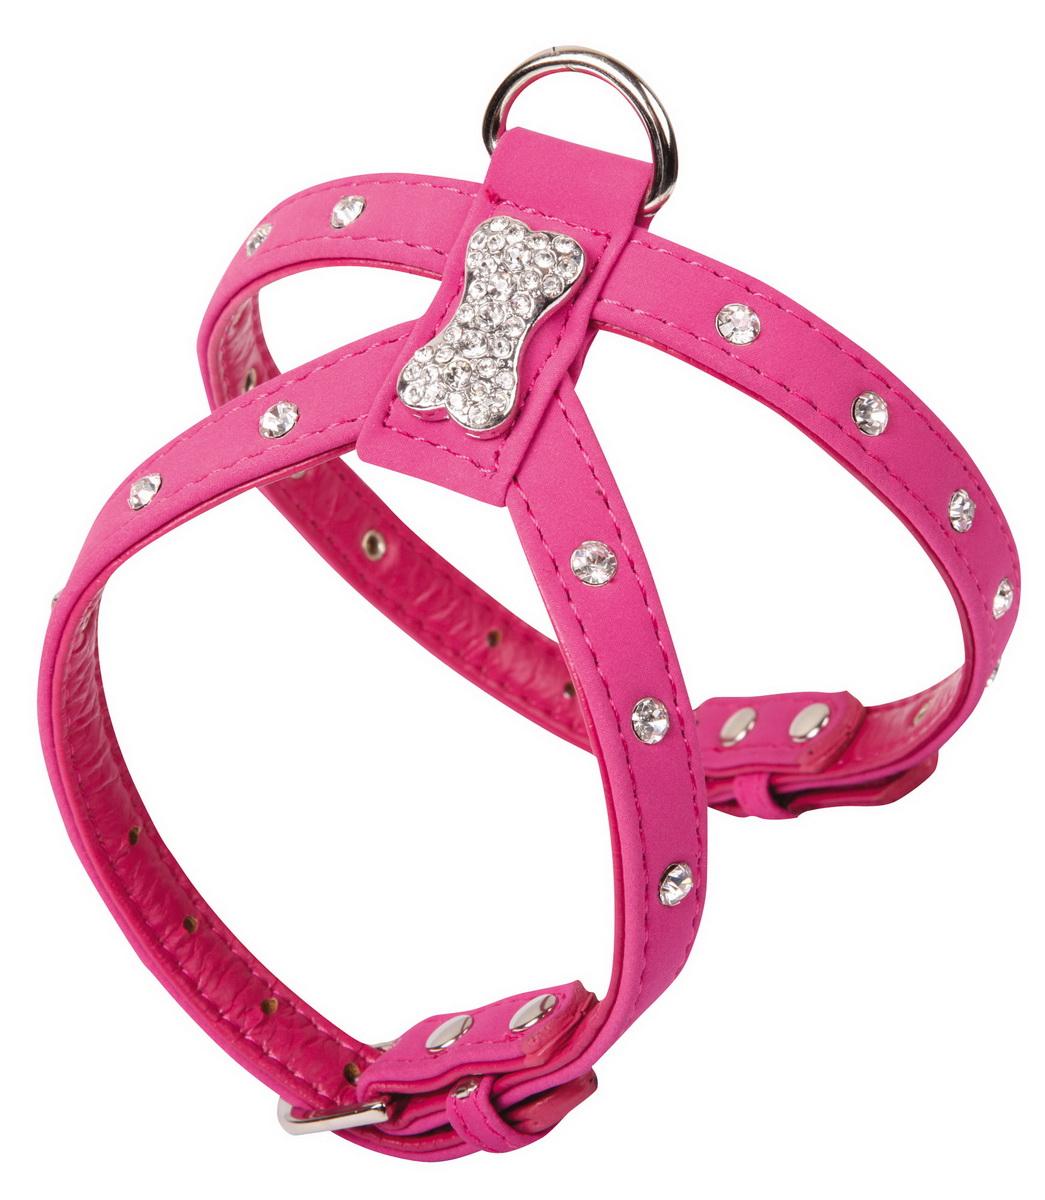 Шлейка для собак Dezzie, цвет: розовый, обхват шеи 22-28 см, обхват груди 34-40 см. Размер L. 56240800120710Шлейка Dezzie, изготовленная из бархата и украшенная металлической вставкой в виде косточки и стразами подходит для собак крупных пород. Крепкие металлические элементы делают ее надежной и долговечной. Шлейка - это альтернатива ошейнику. Правильно подобранная шлейка не стесняет движения питомца, не натирает кожу, поэтому животное чувствует себя в ней уверенно и комфортно. Имеется металлическое кольцо для крепления поводка.Изделие отличается высоким качеством, удобством и универсальностью. Имеется металлическое кольцо для крепления поводка.Размер регулируется при помощи пряжек.Обхват шеи: 22-28 см. Обхват груди: 34-40 см.